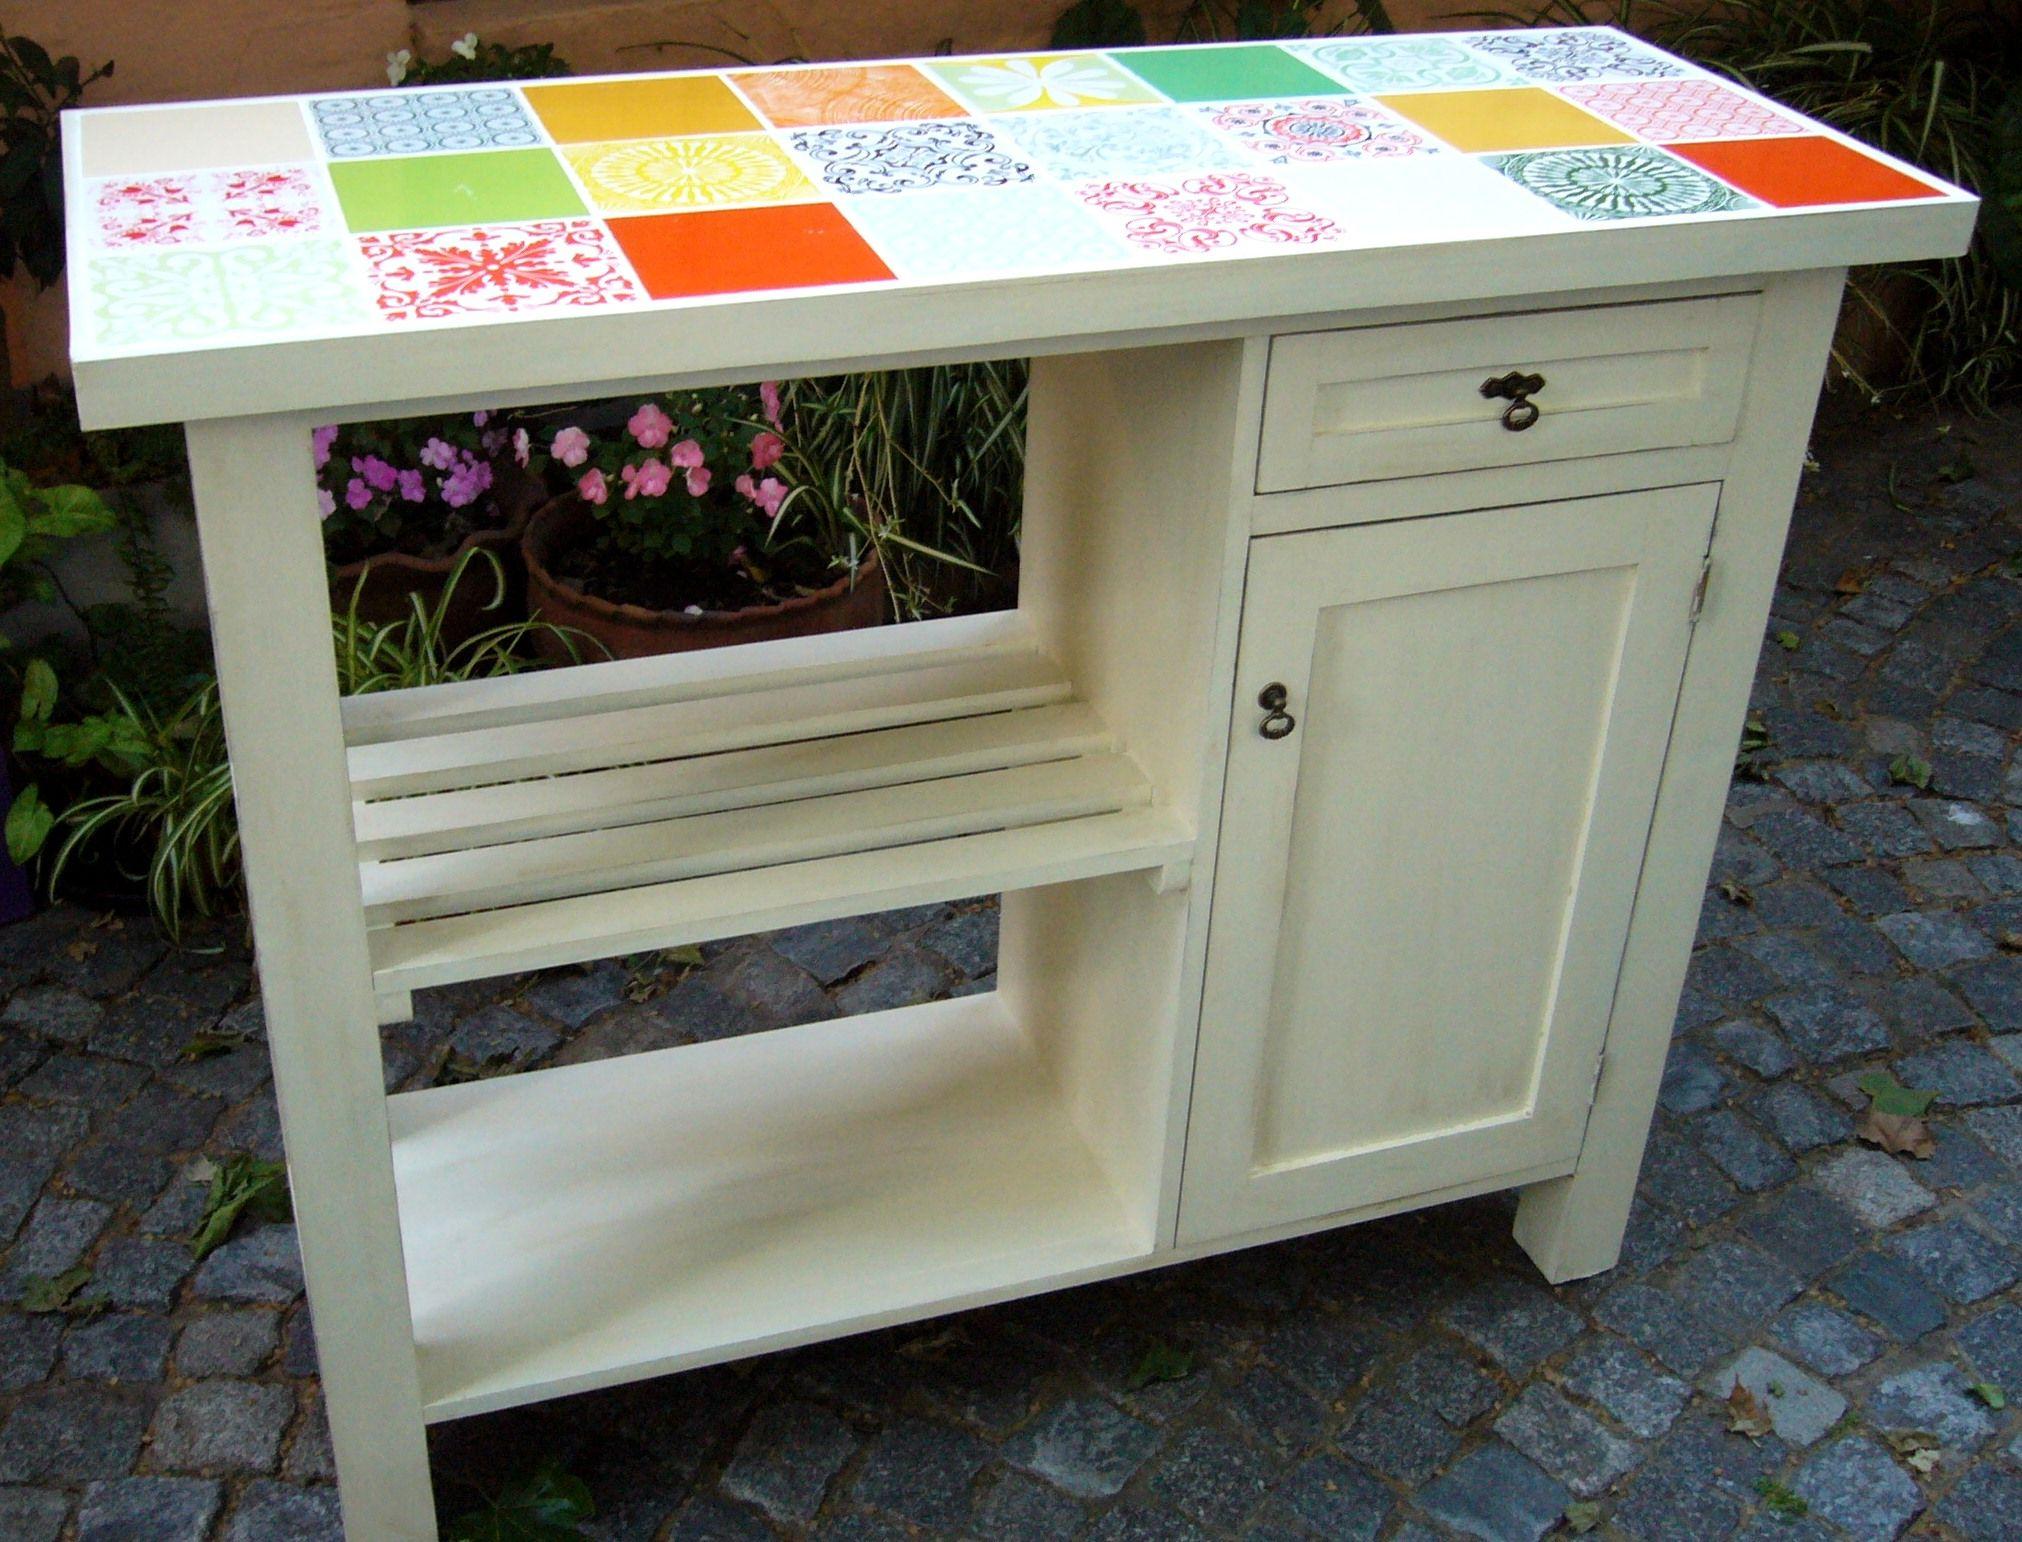 Muebles De Cocina Ideas De Colores - Desayunador y ayudante de cocina patinado en color blanco con base de azulejos decorados de varios